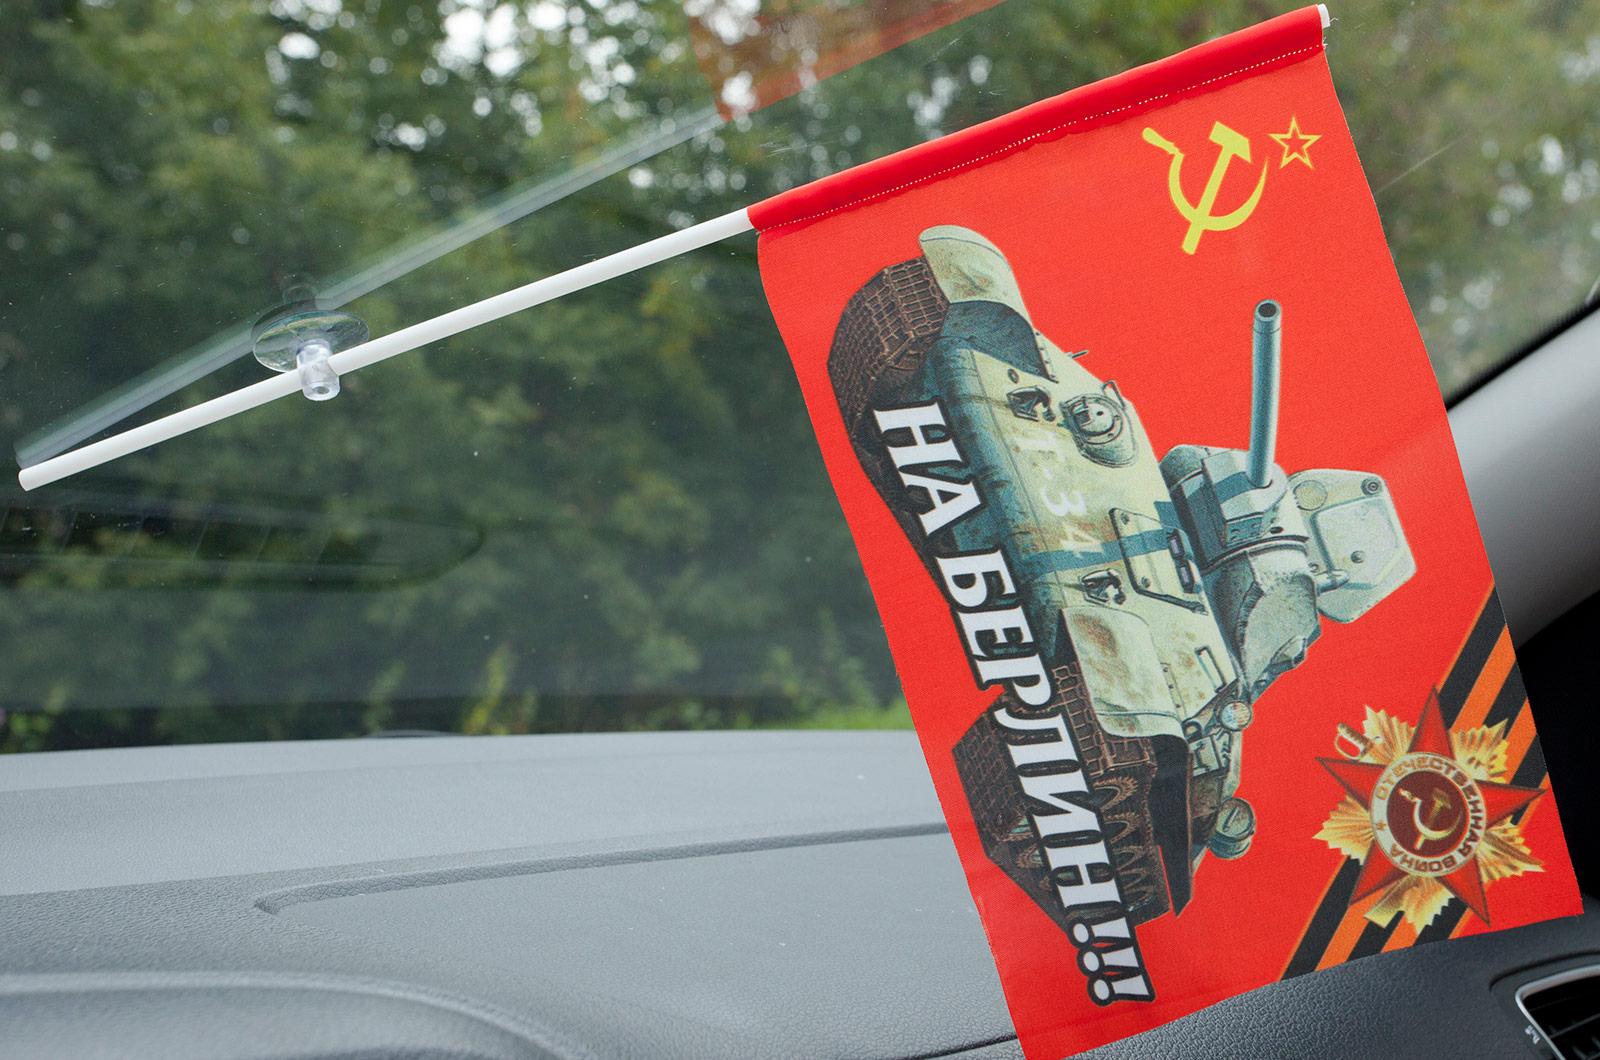 Флажок в машину с присоской На Берлин